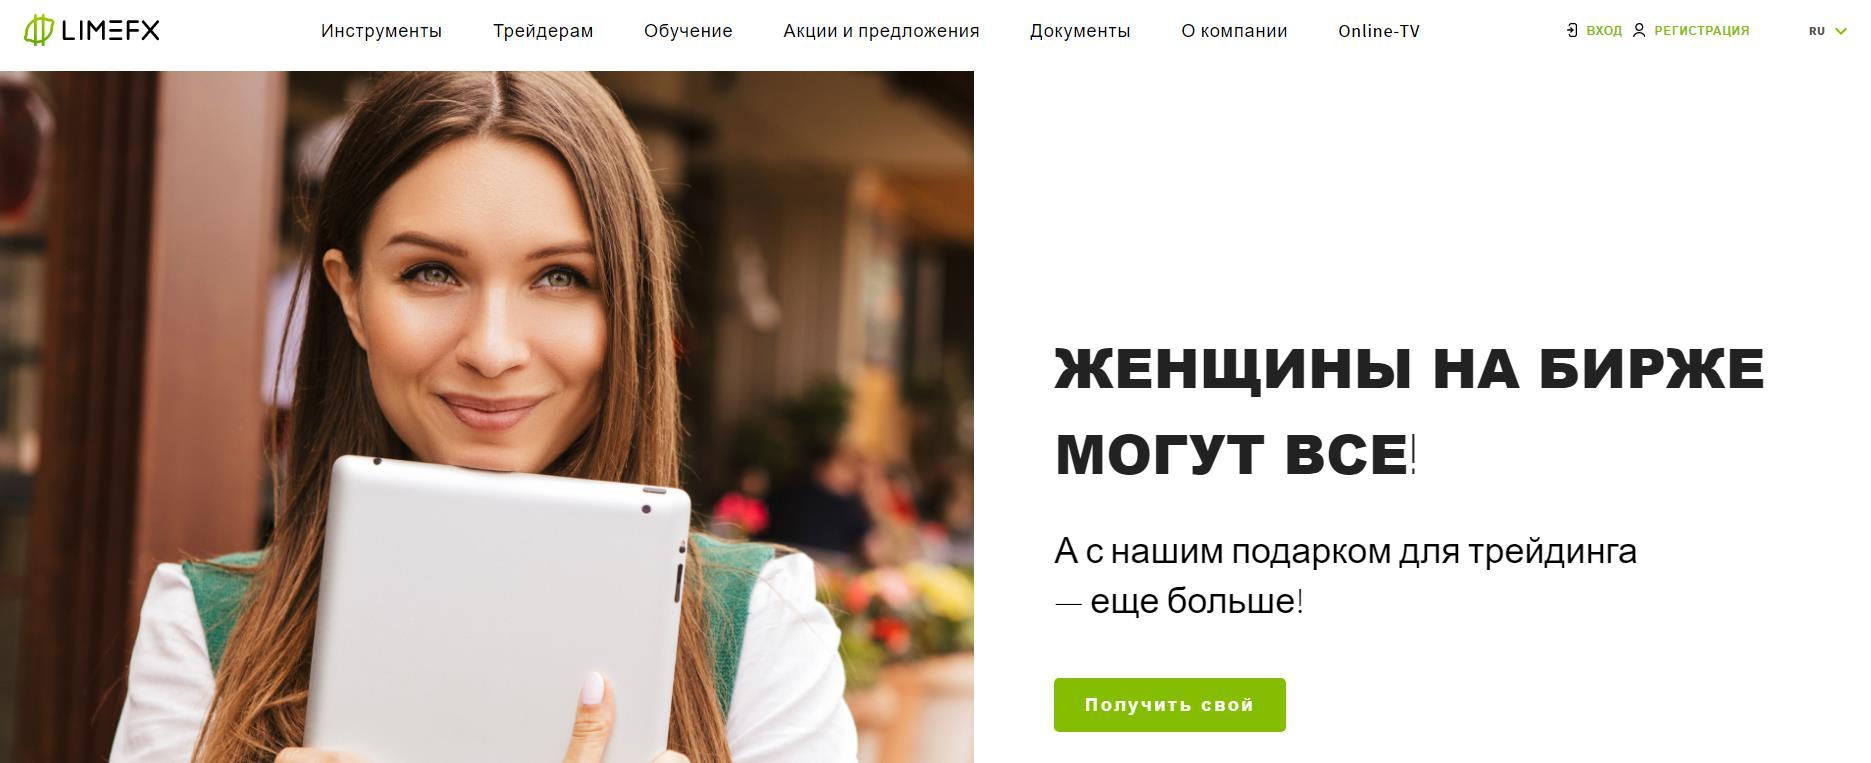 официальный сайт компании limefx